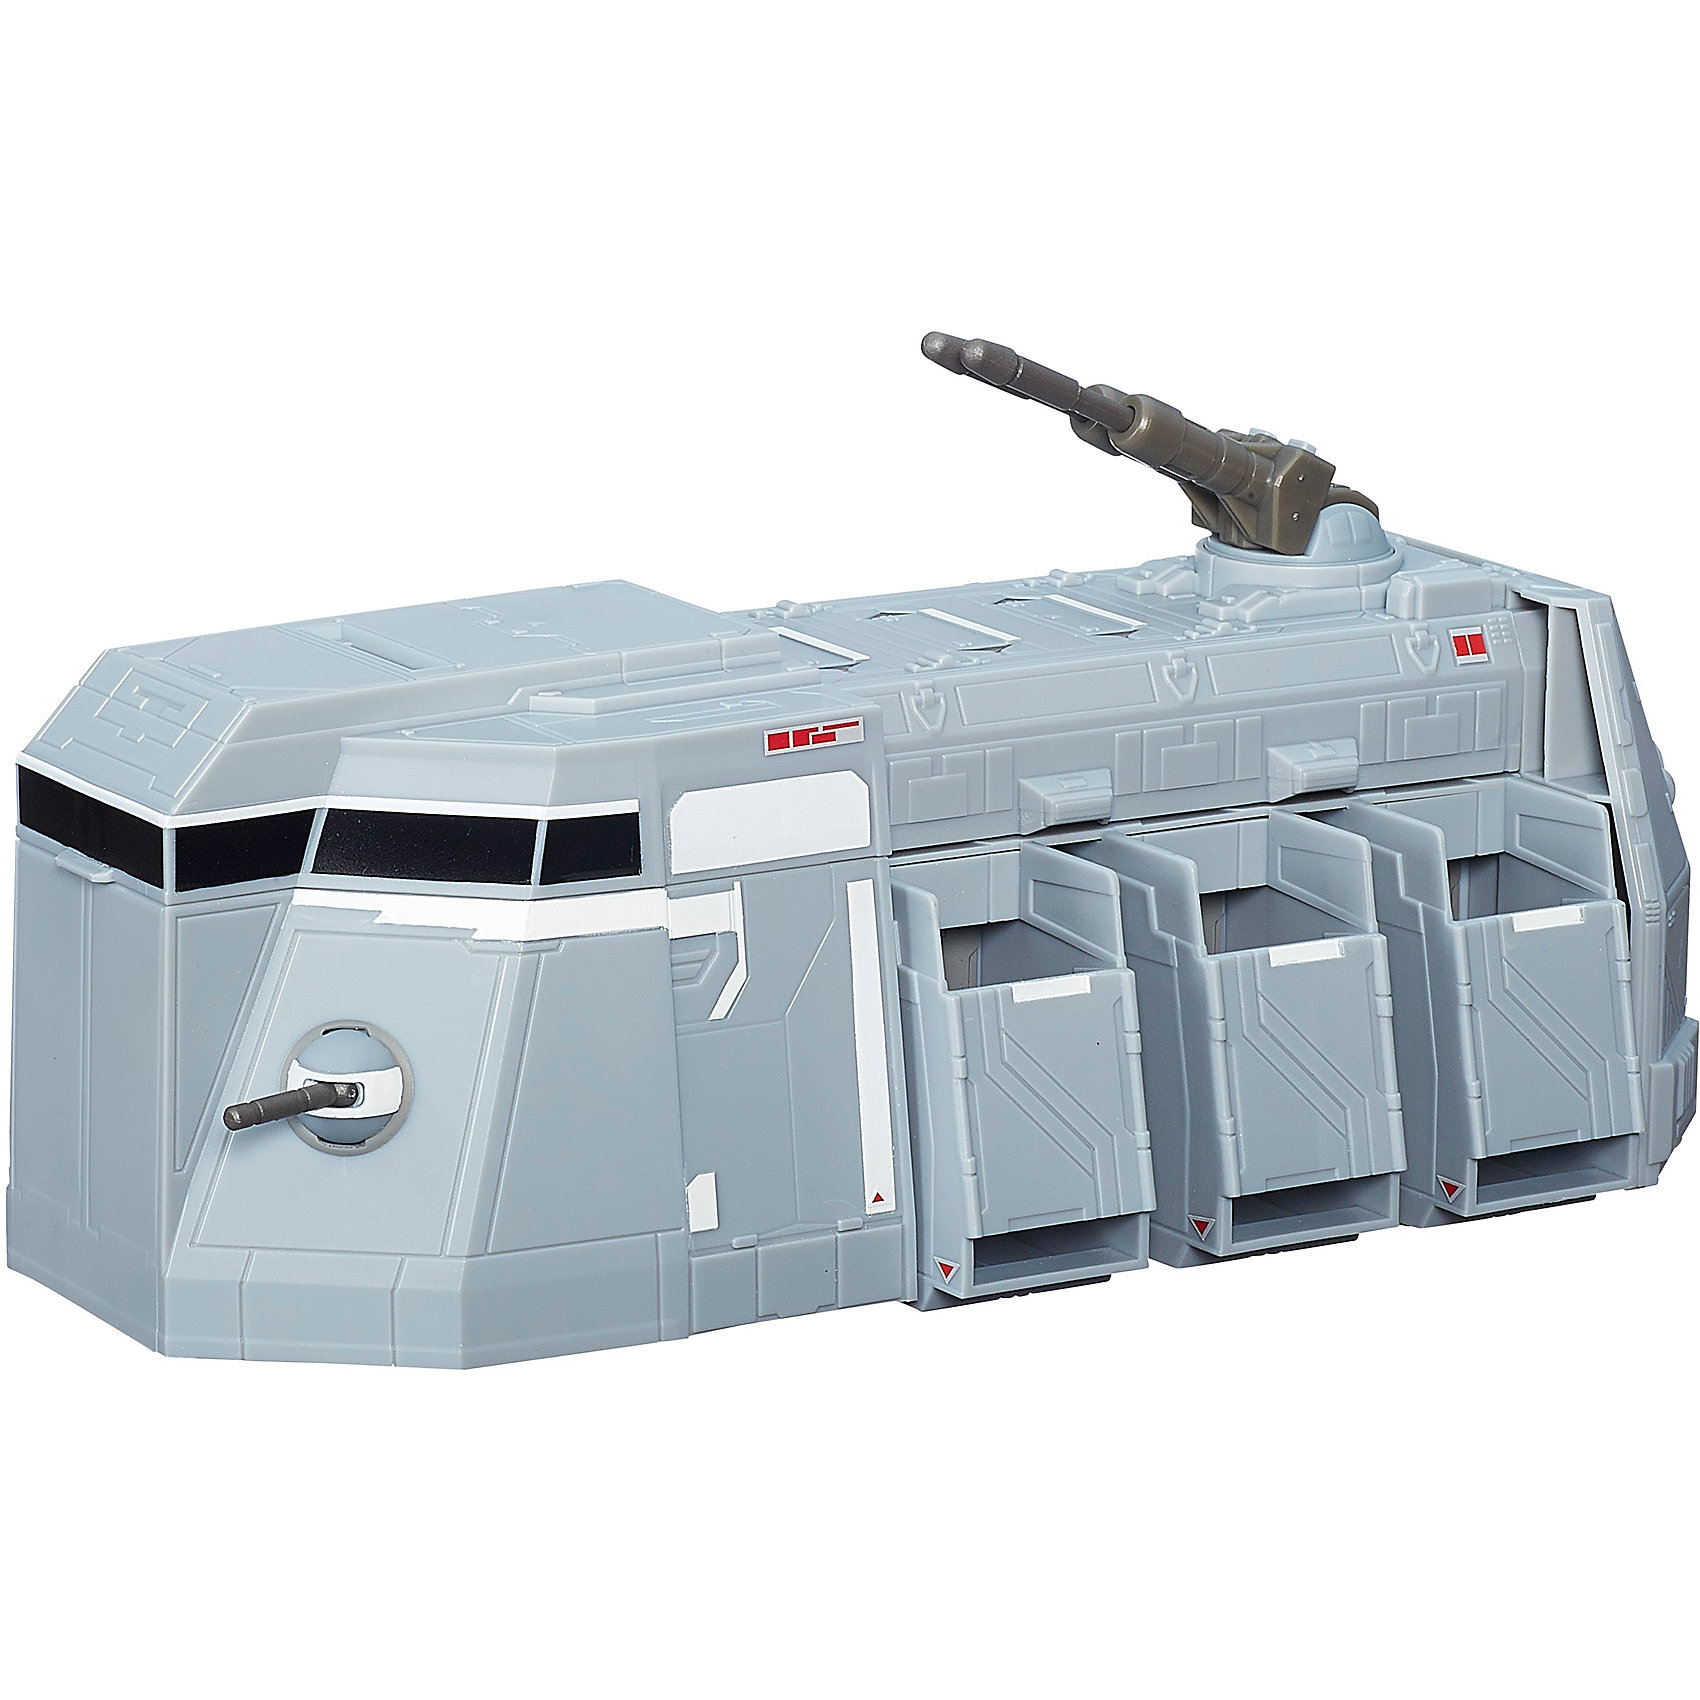 боевое-транспортное-средство-класс-2-star-wars